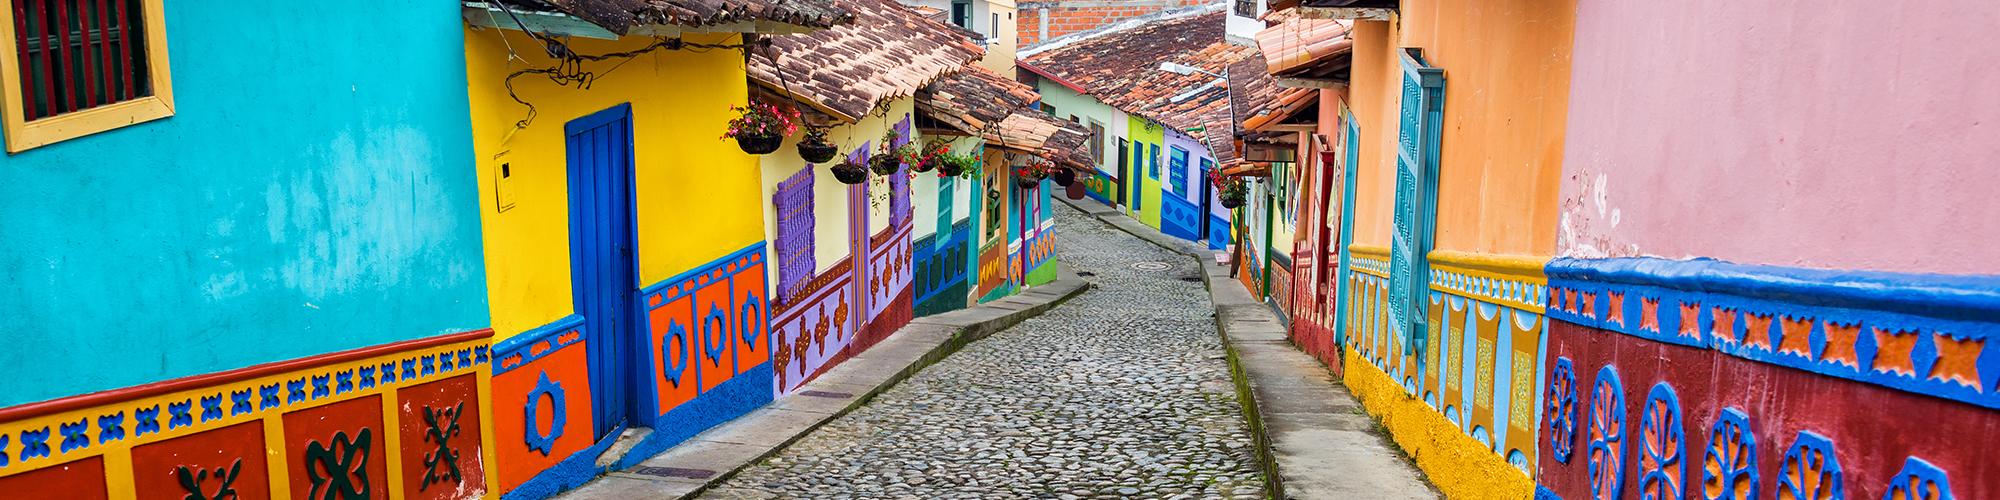 Colombia: vive la biodiversidad y la hospitalidad - El País Viajes